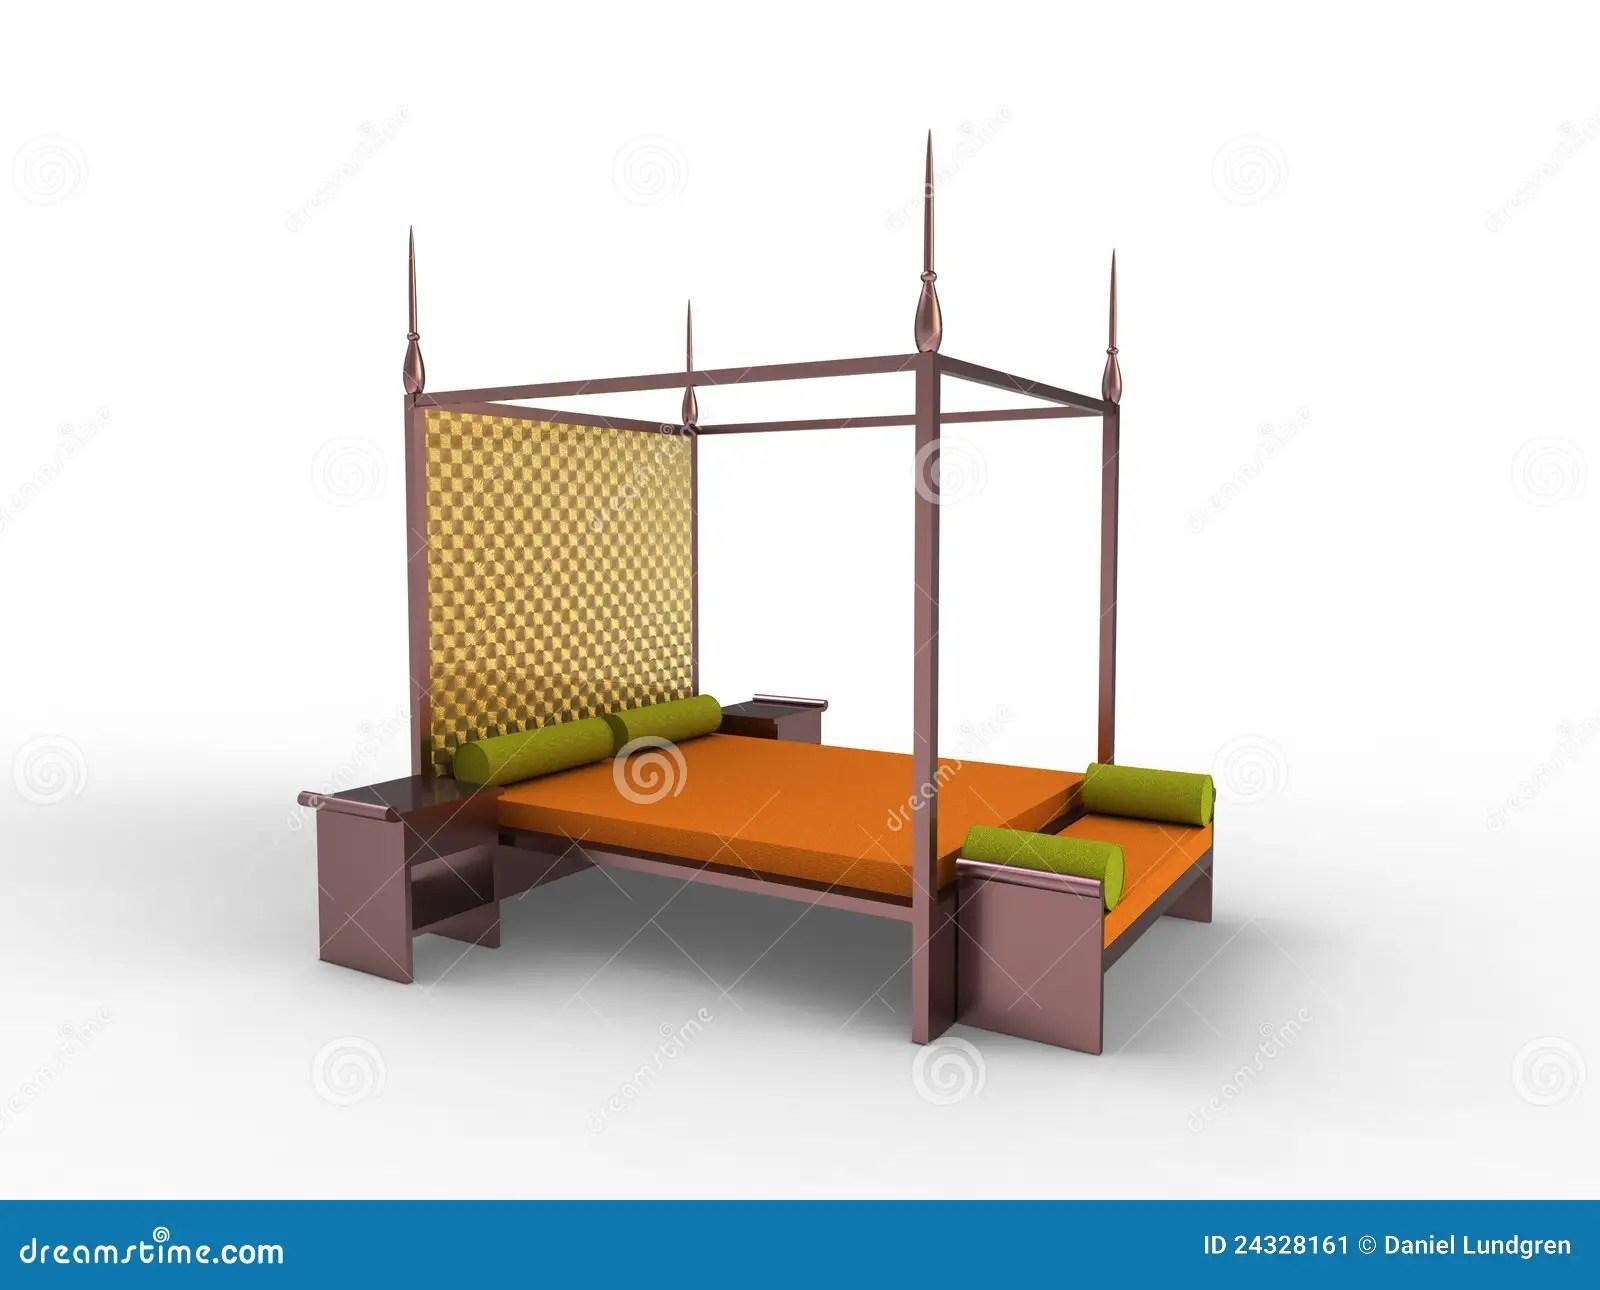 Indonesische Slaapkamer 2 Stock Afbeelding  Beeld 24328161